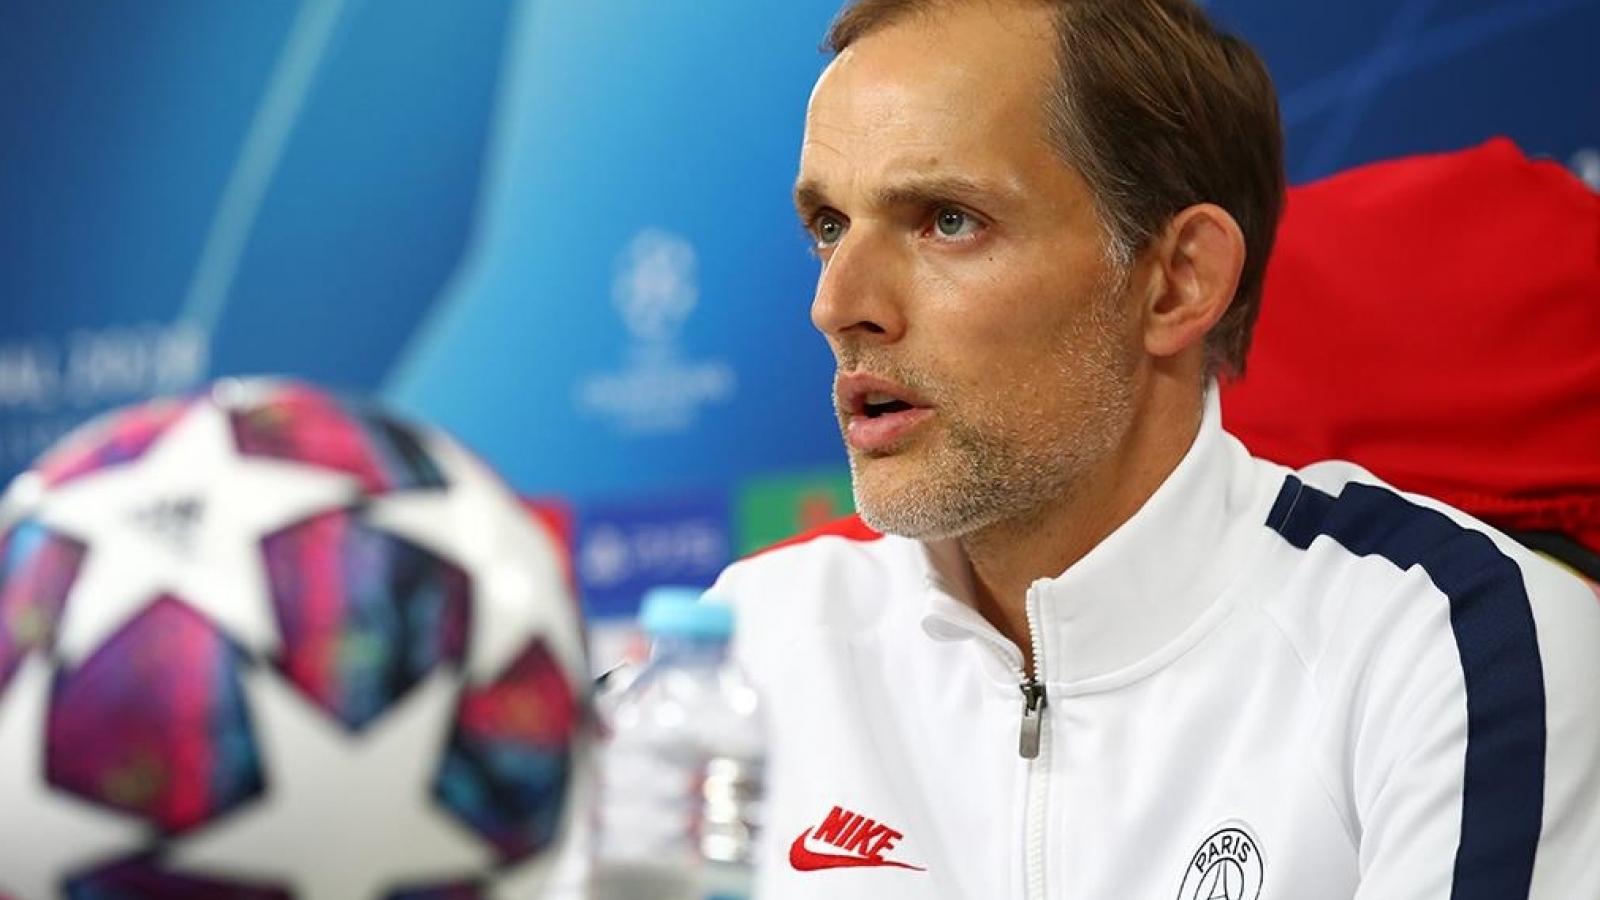 HLV Thomas Tuchel tự tin giúp PSG quật ngã Bayern Munich